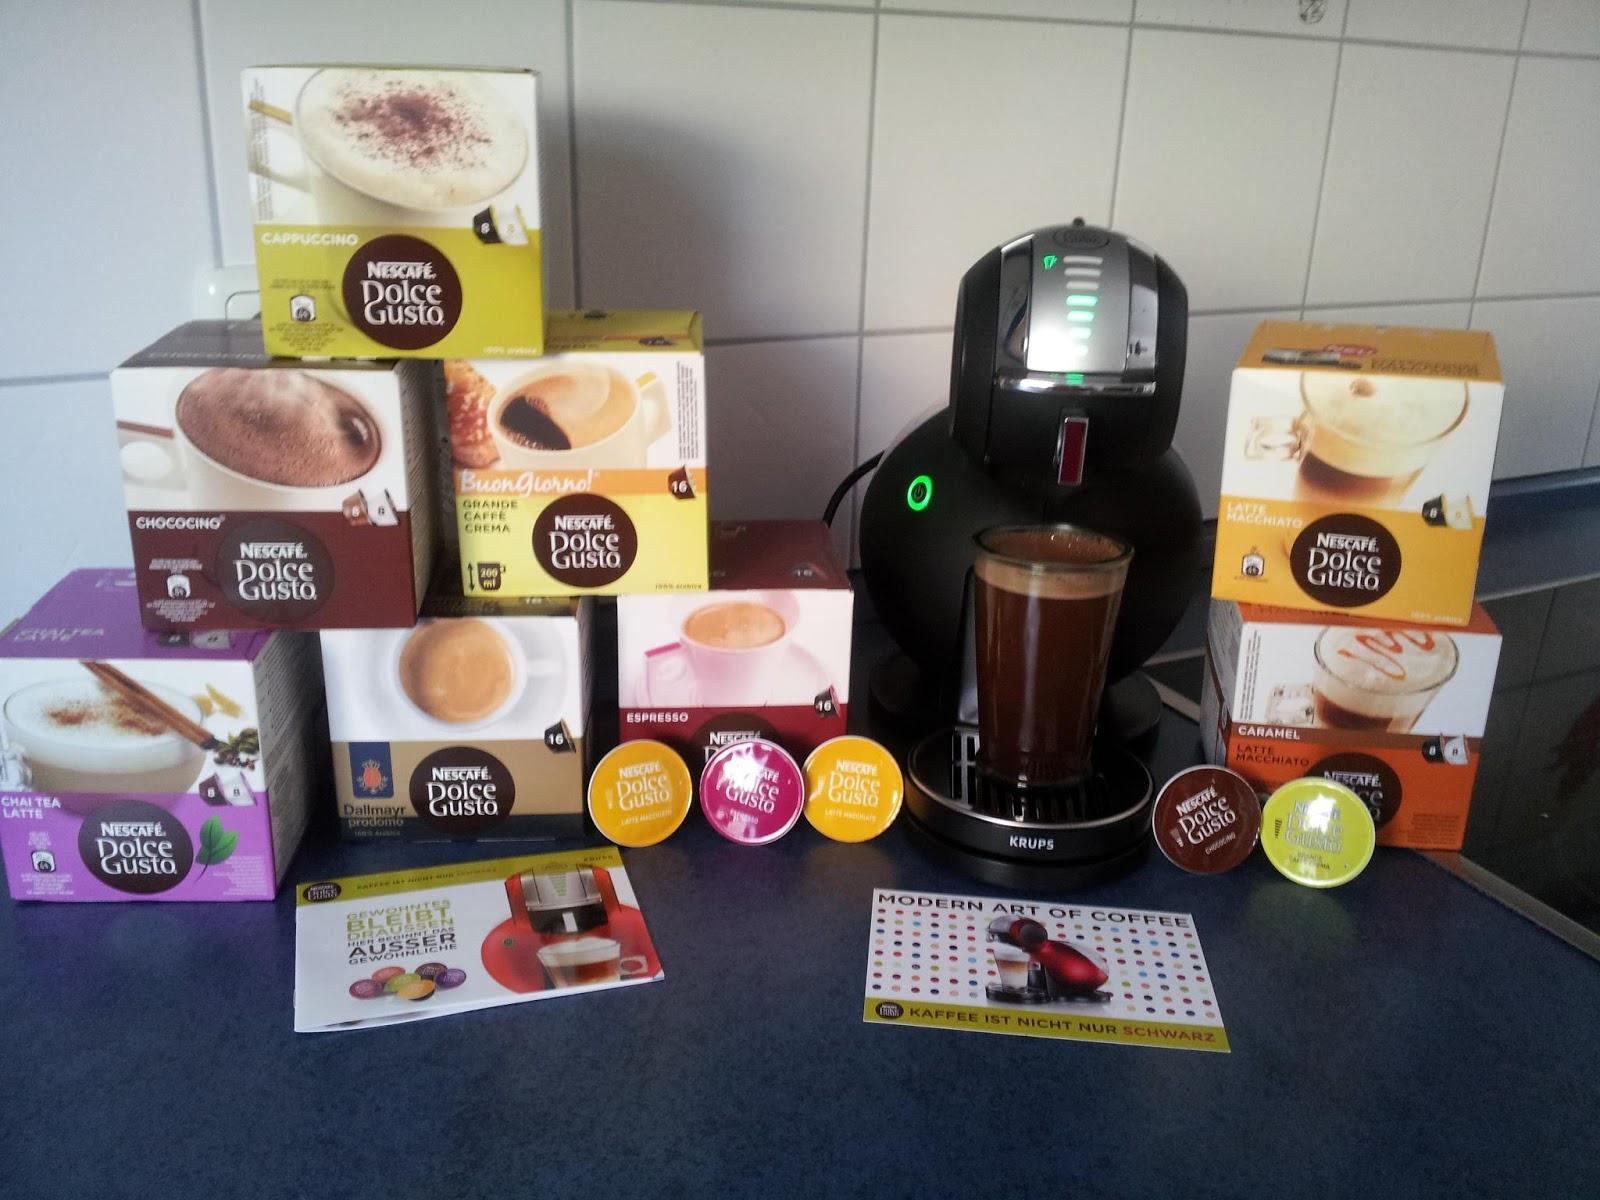 produkttests by nepo muk kaffee ist nicht nur schwarz abschlussbericht. Black Bedroom Furniture Sets. Home Design Ideas